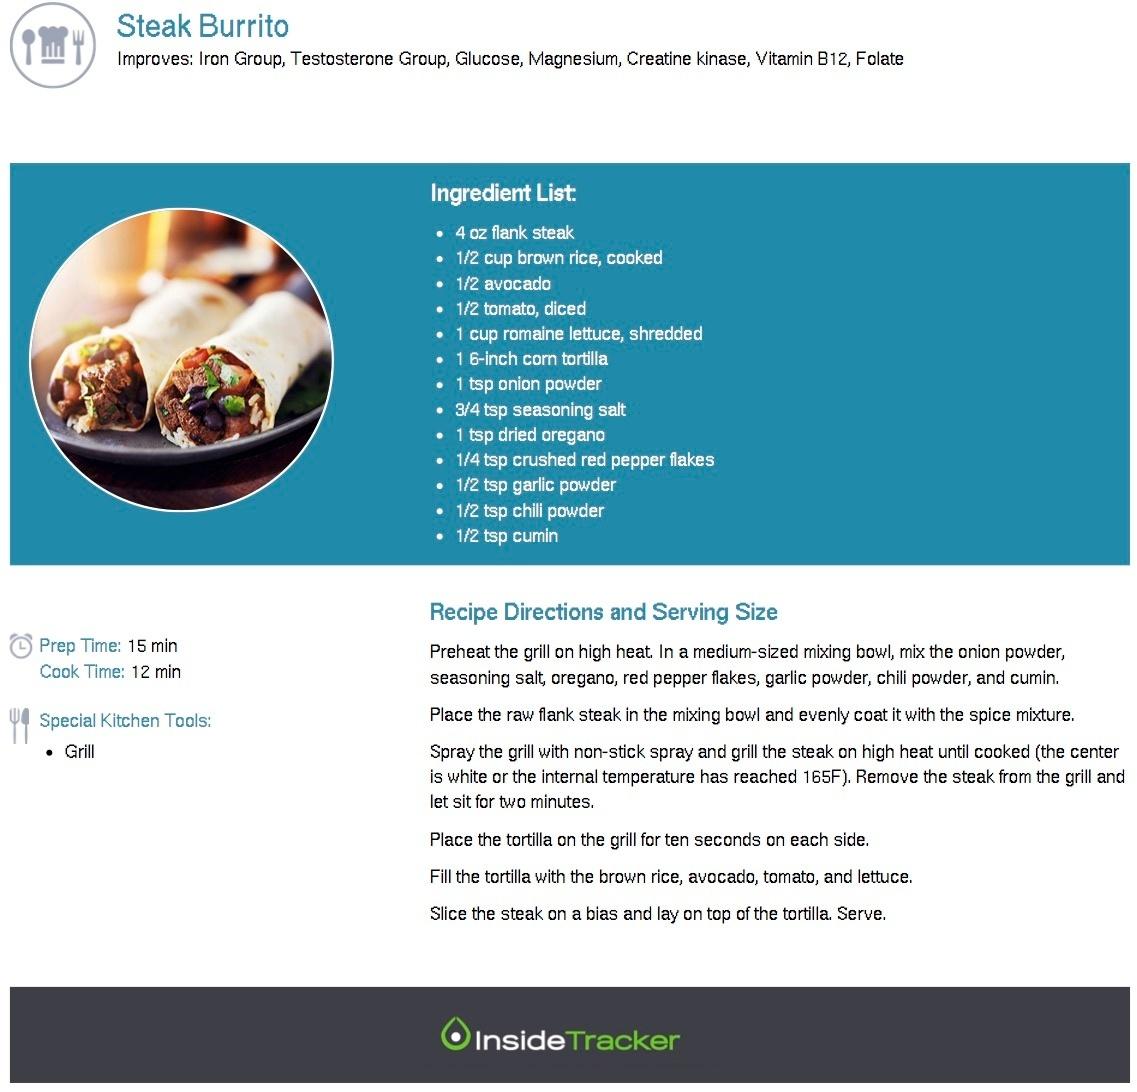 InsideTracker_Steak_Burrito.jpg